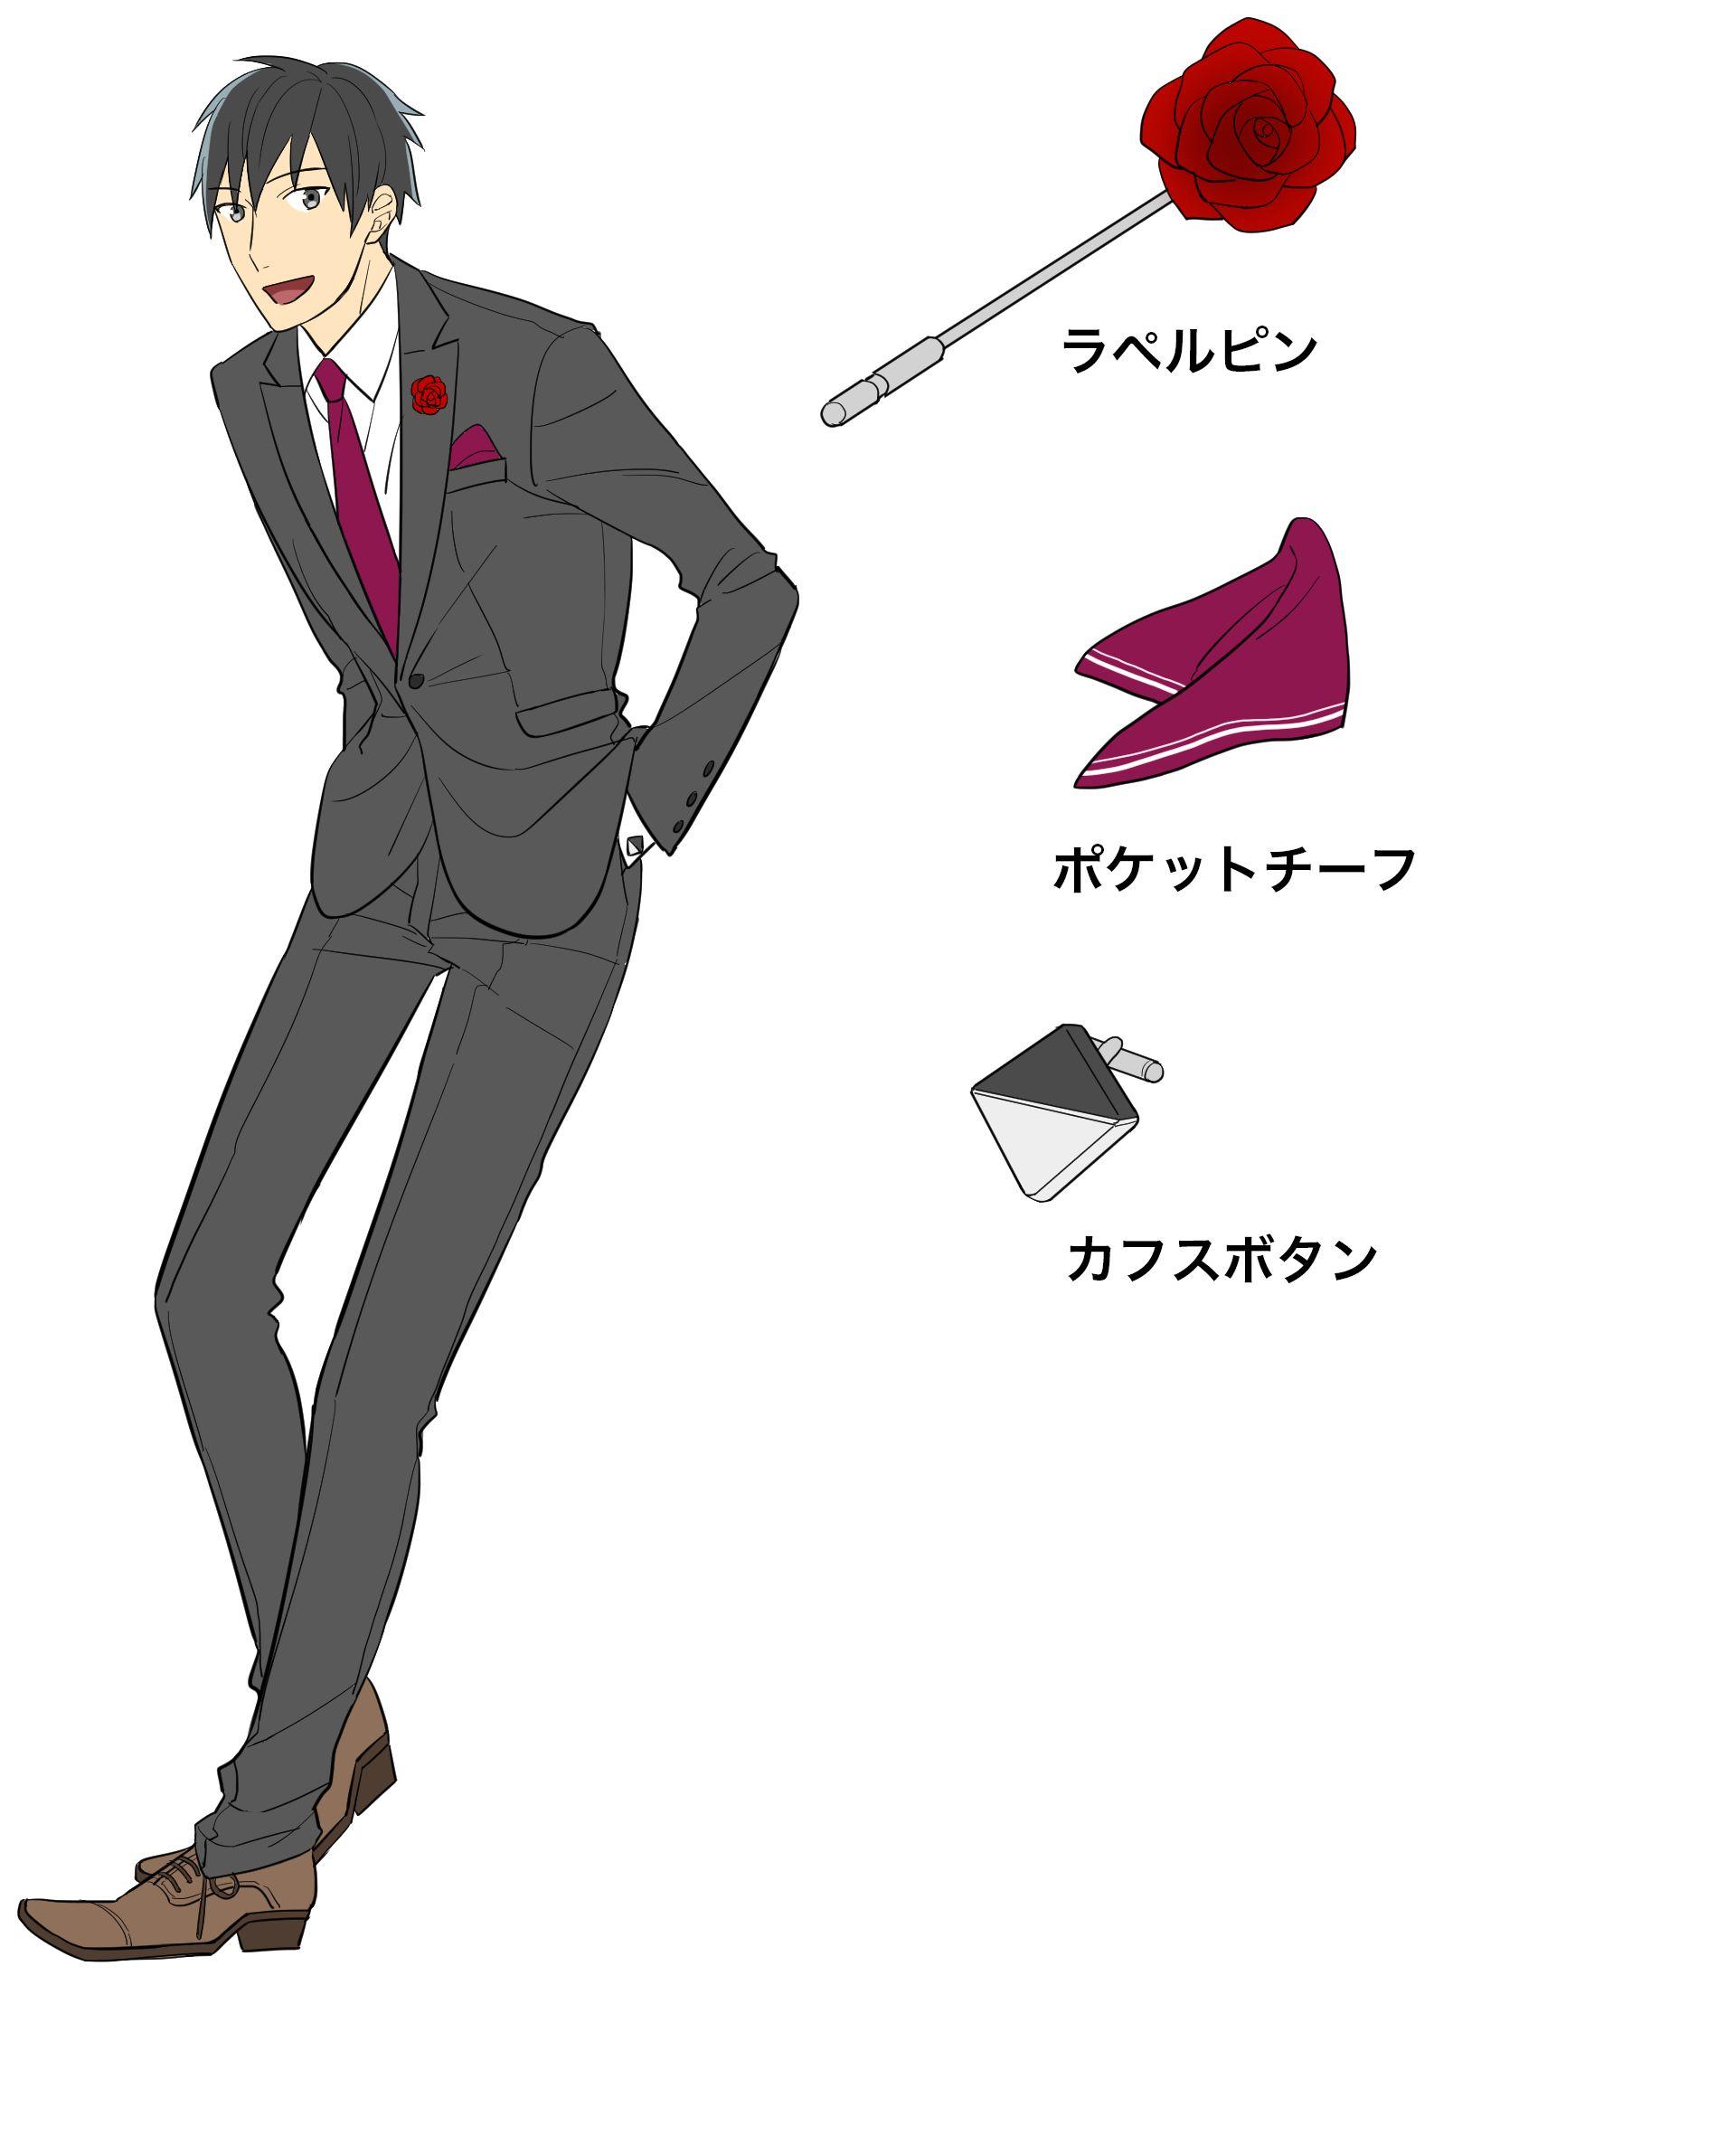 しわ 描き 方 スーツ